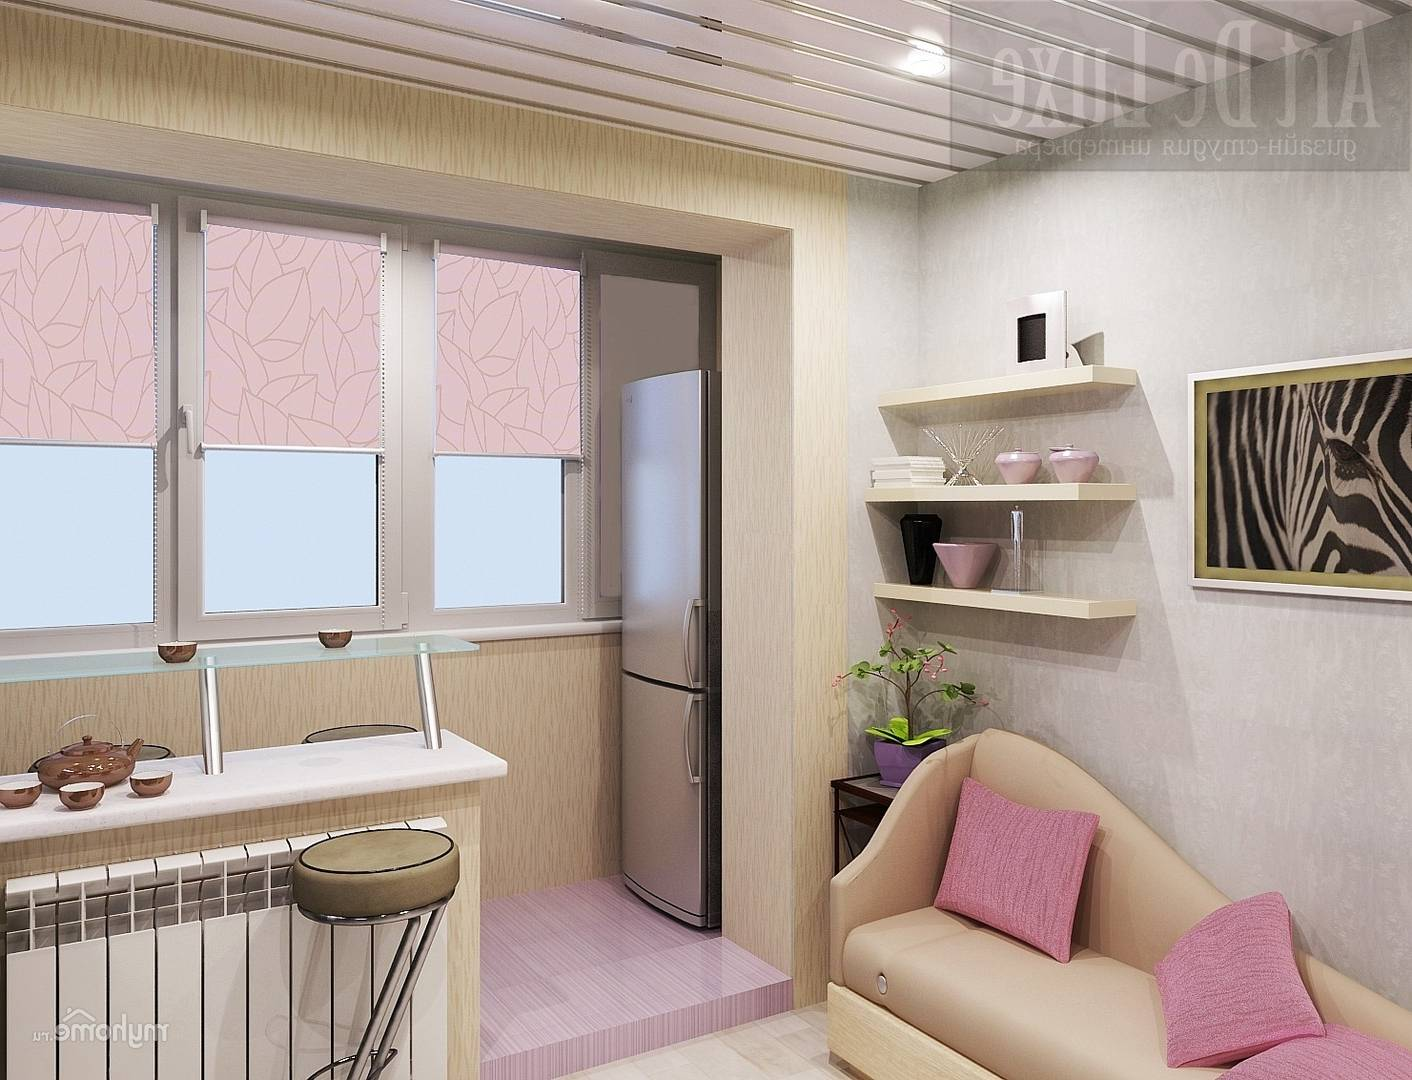 Кухни с балконом: дизайн, фото интерьеров, примеры планировк.